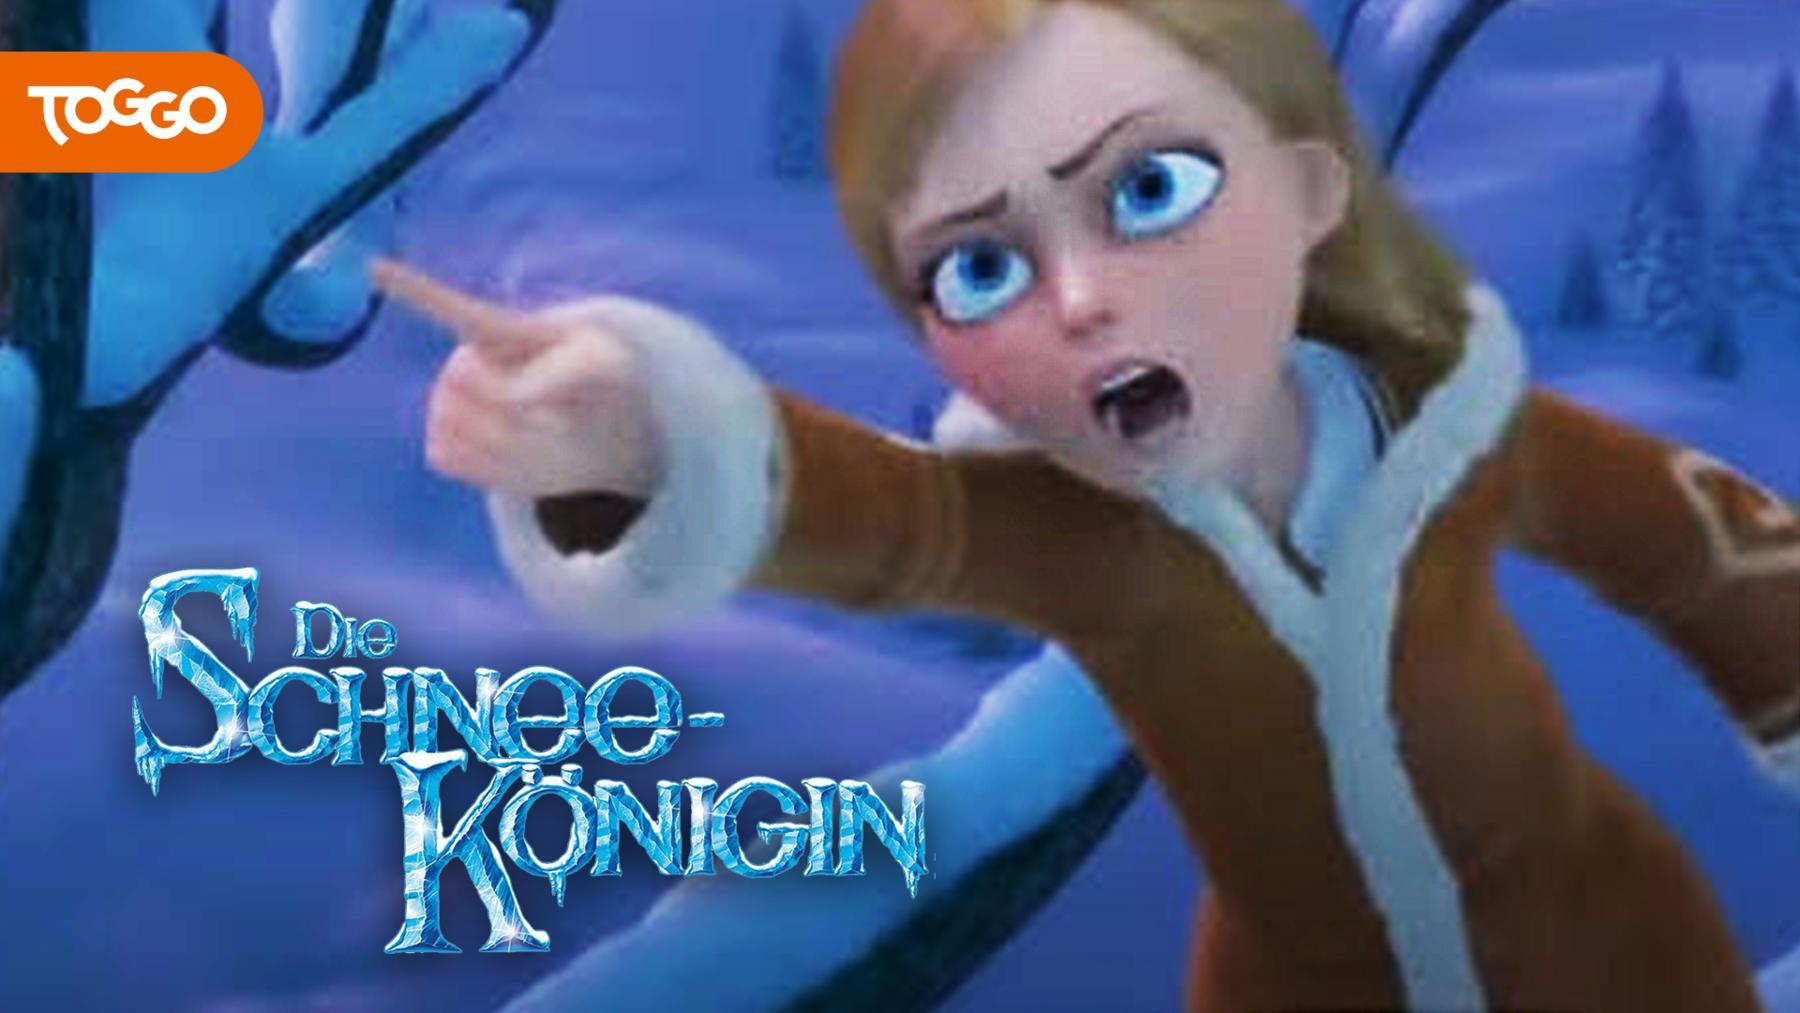 Die Schneekönigin 1 - Eiskalt verzaubert